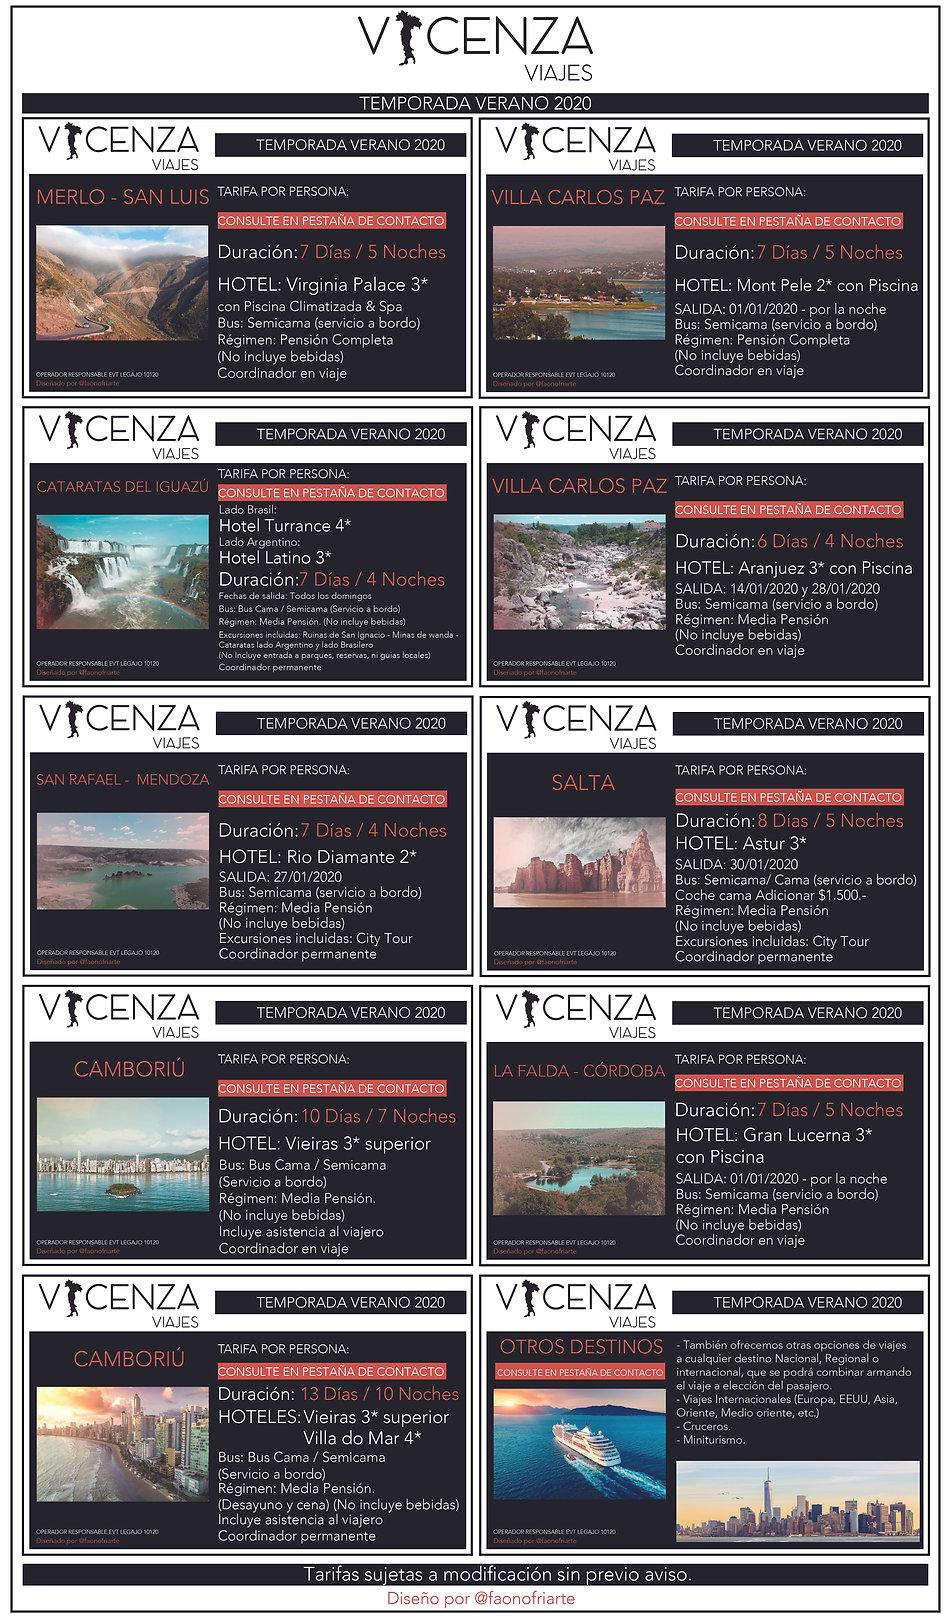 VICENZA A3 VERANO 2020-01.jpg